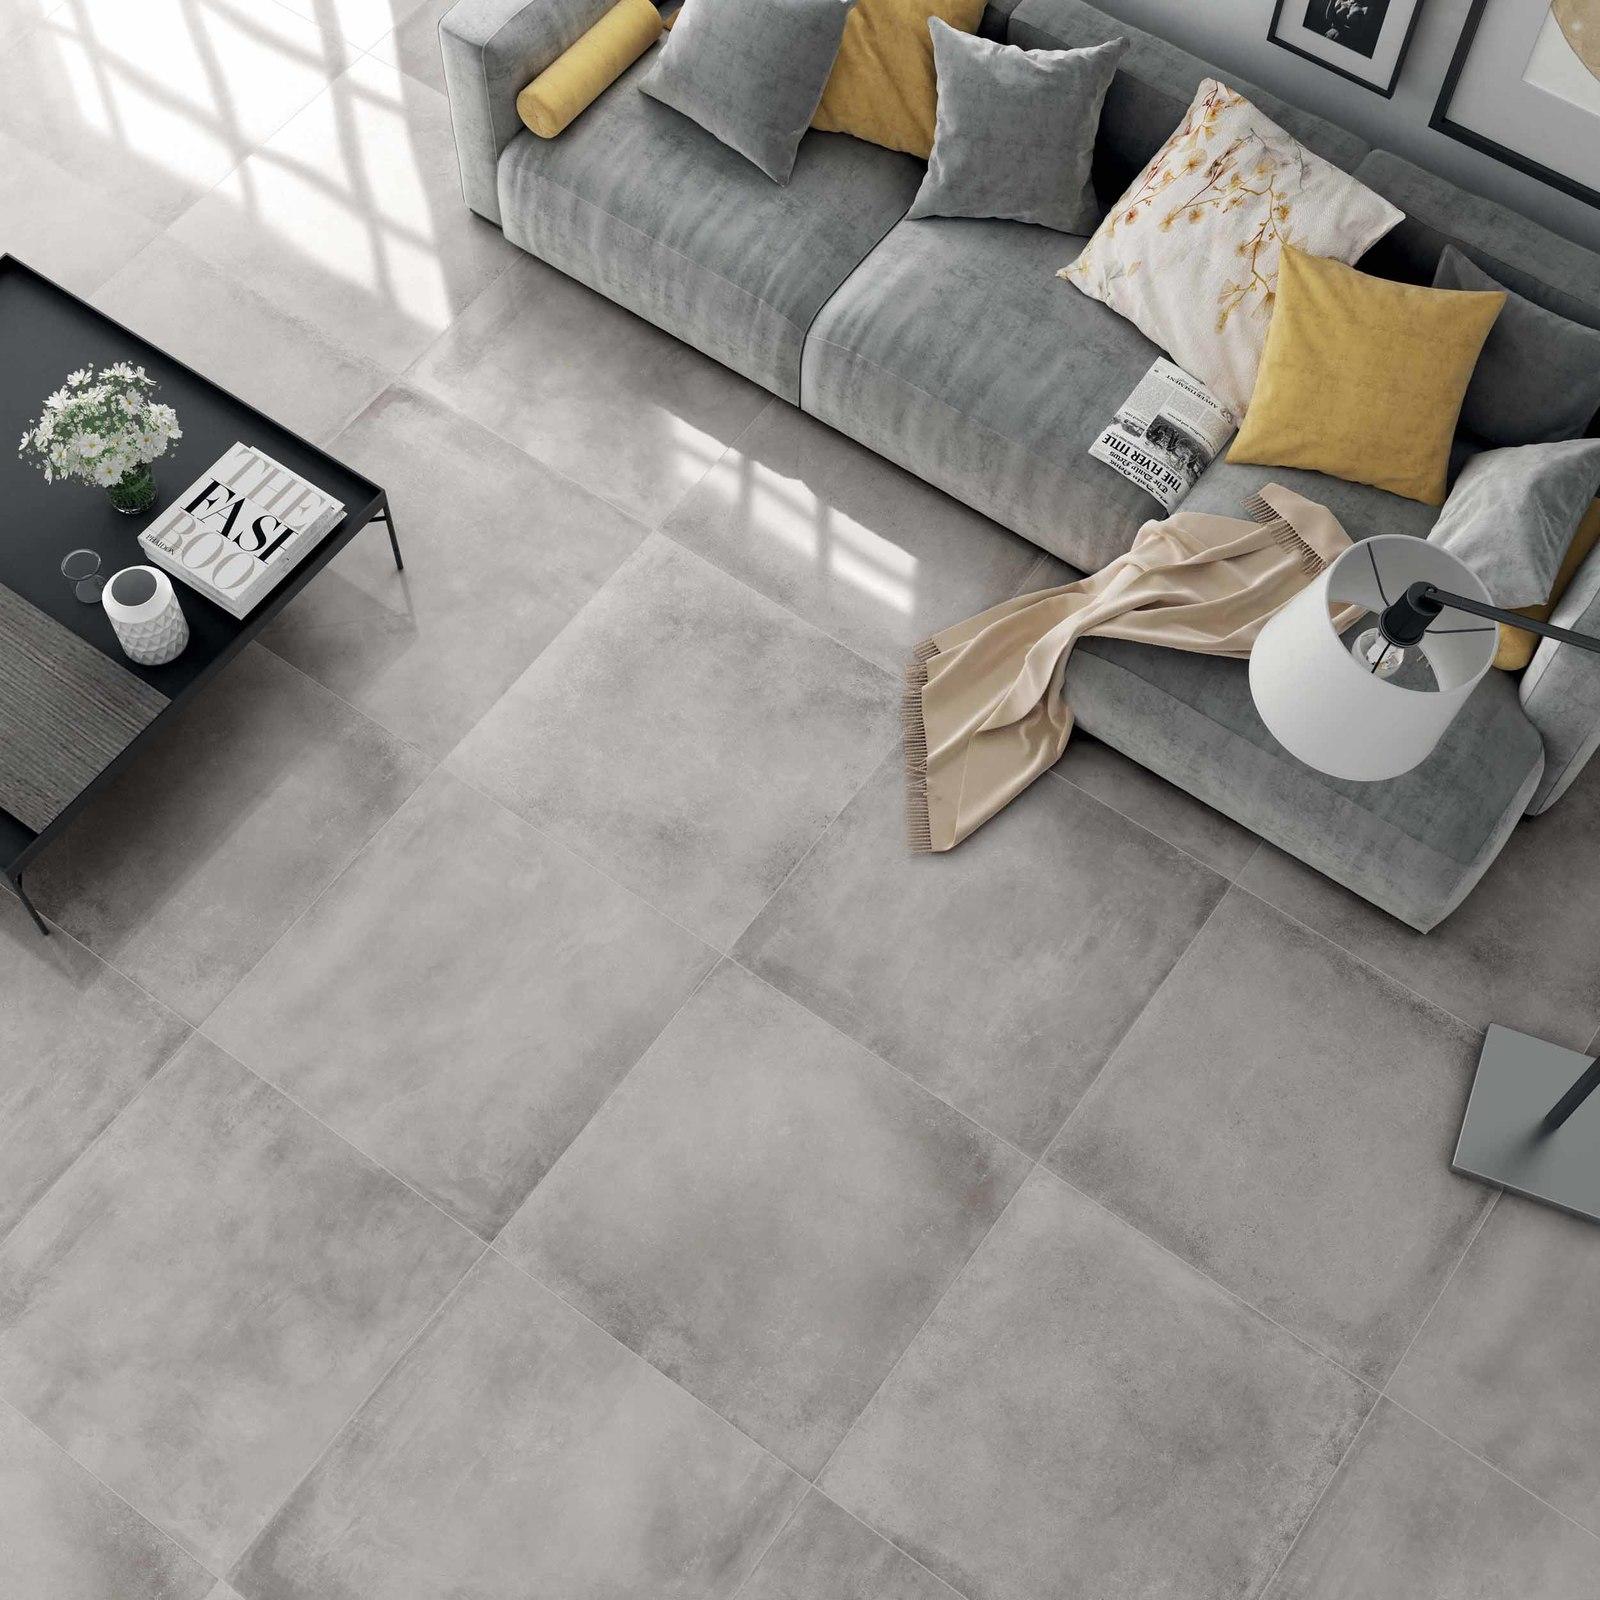 Salon z szarymi matowymi płytkami imitującymi beton